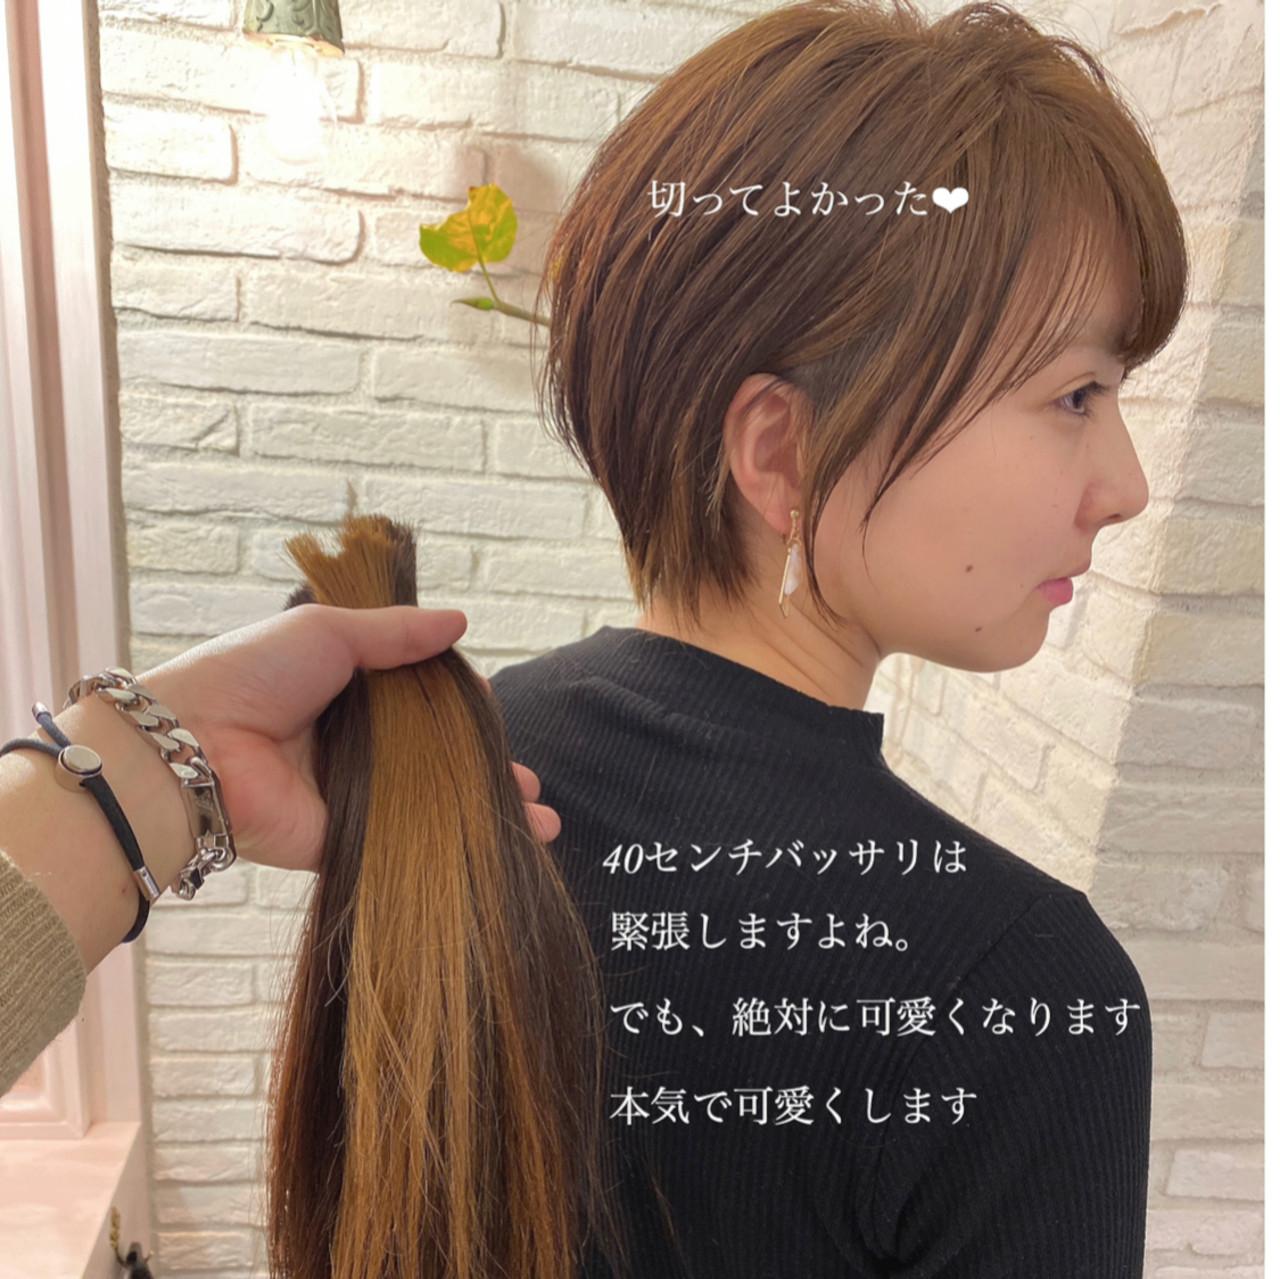 前下がりショート ナチュラル 大人ショート ショート ヘアスタイルや髪型の写真・画像 | 津賀 雅也 / Lond omotesando